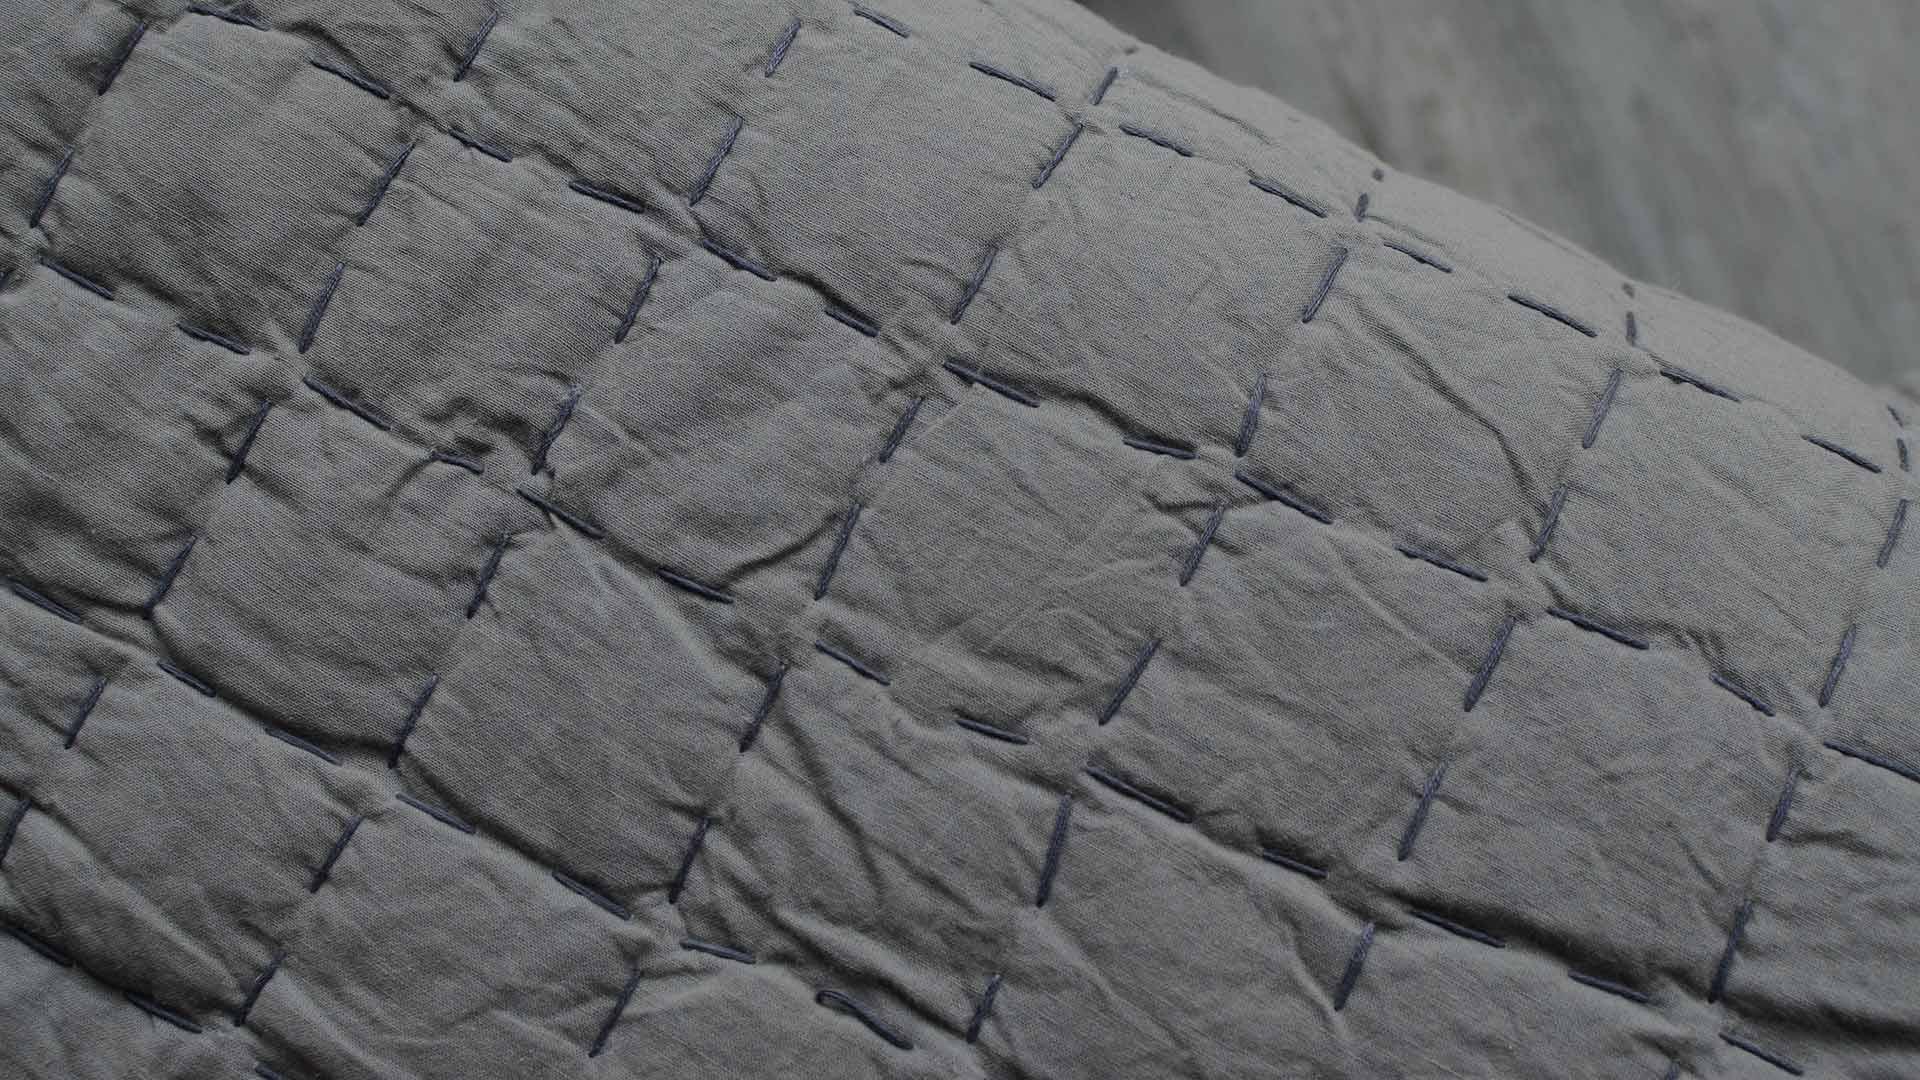 grey-kantha-quilt-close-up